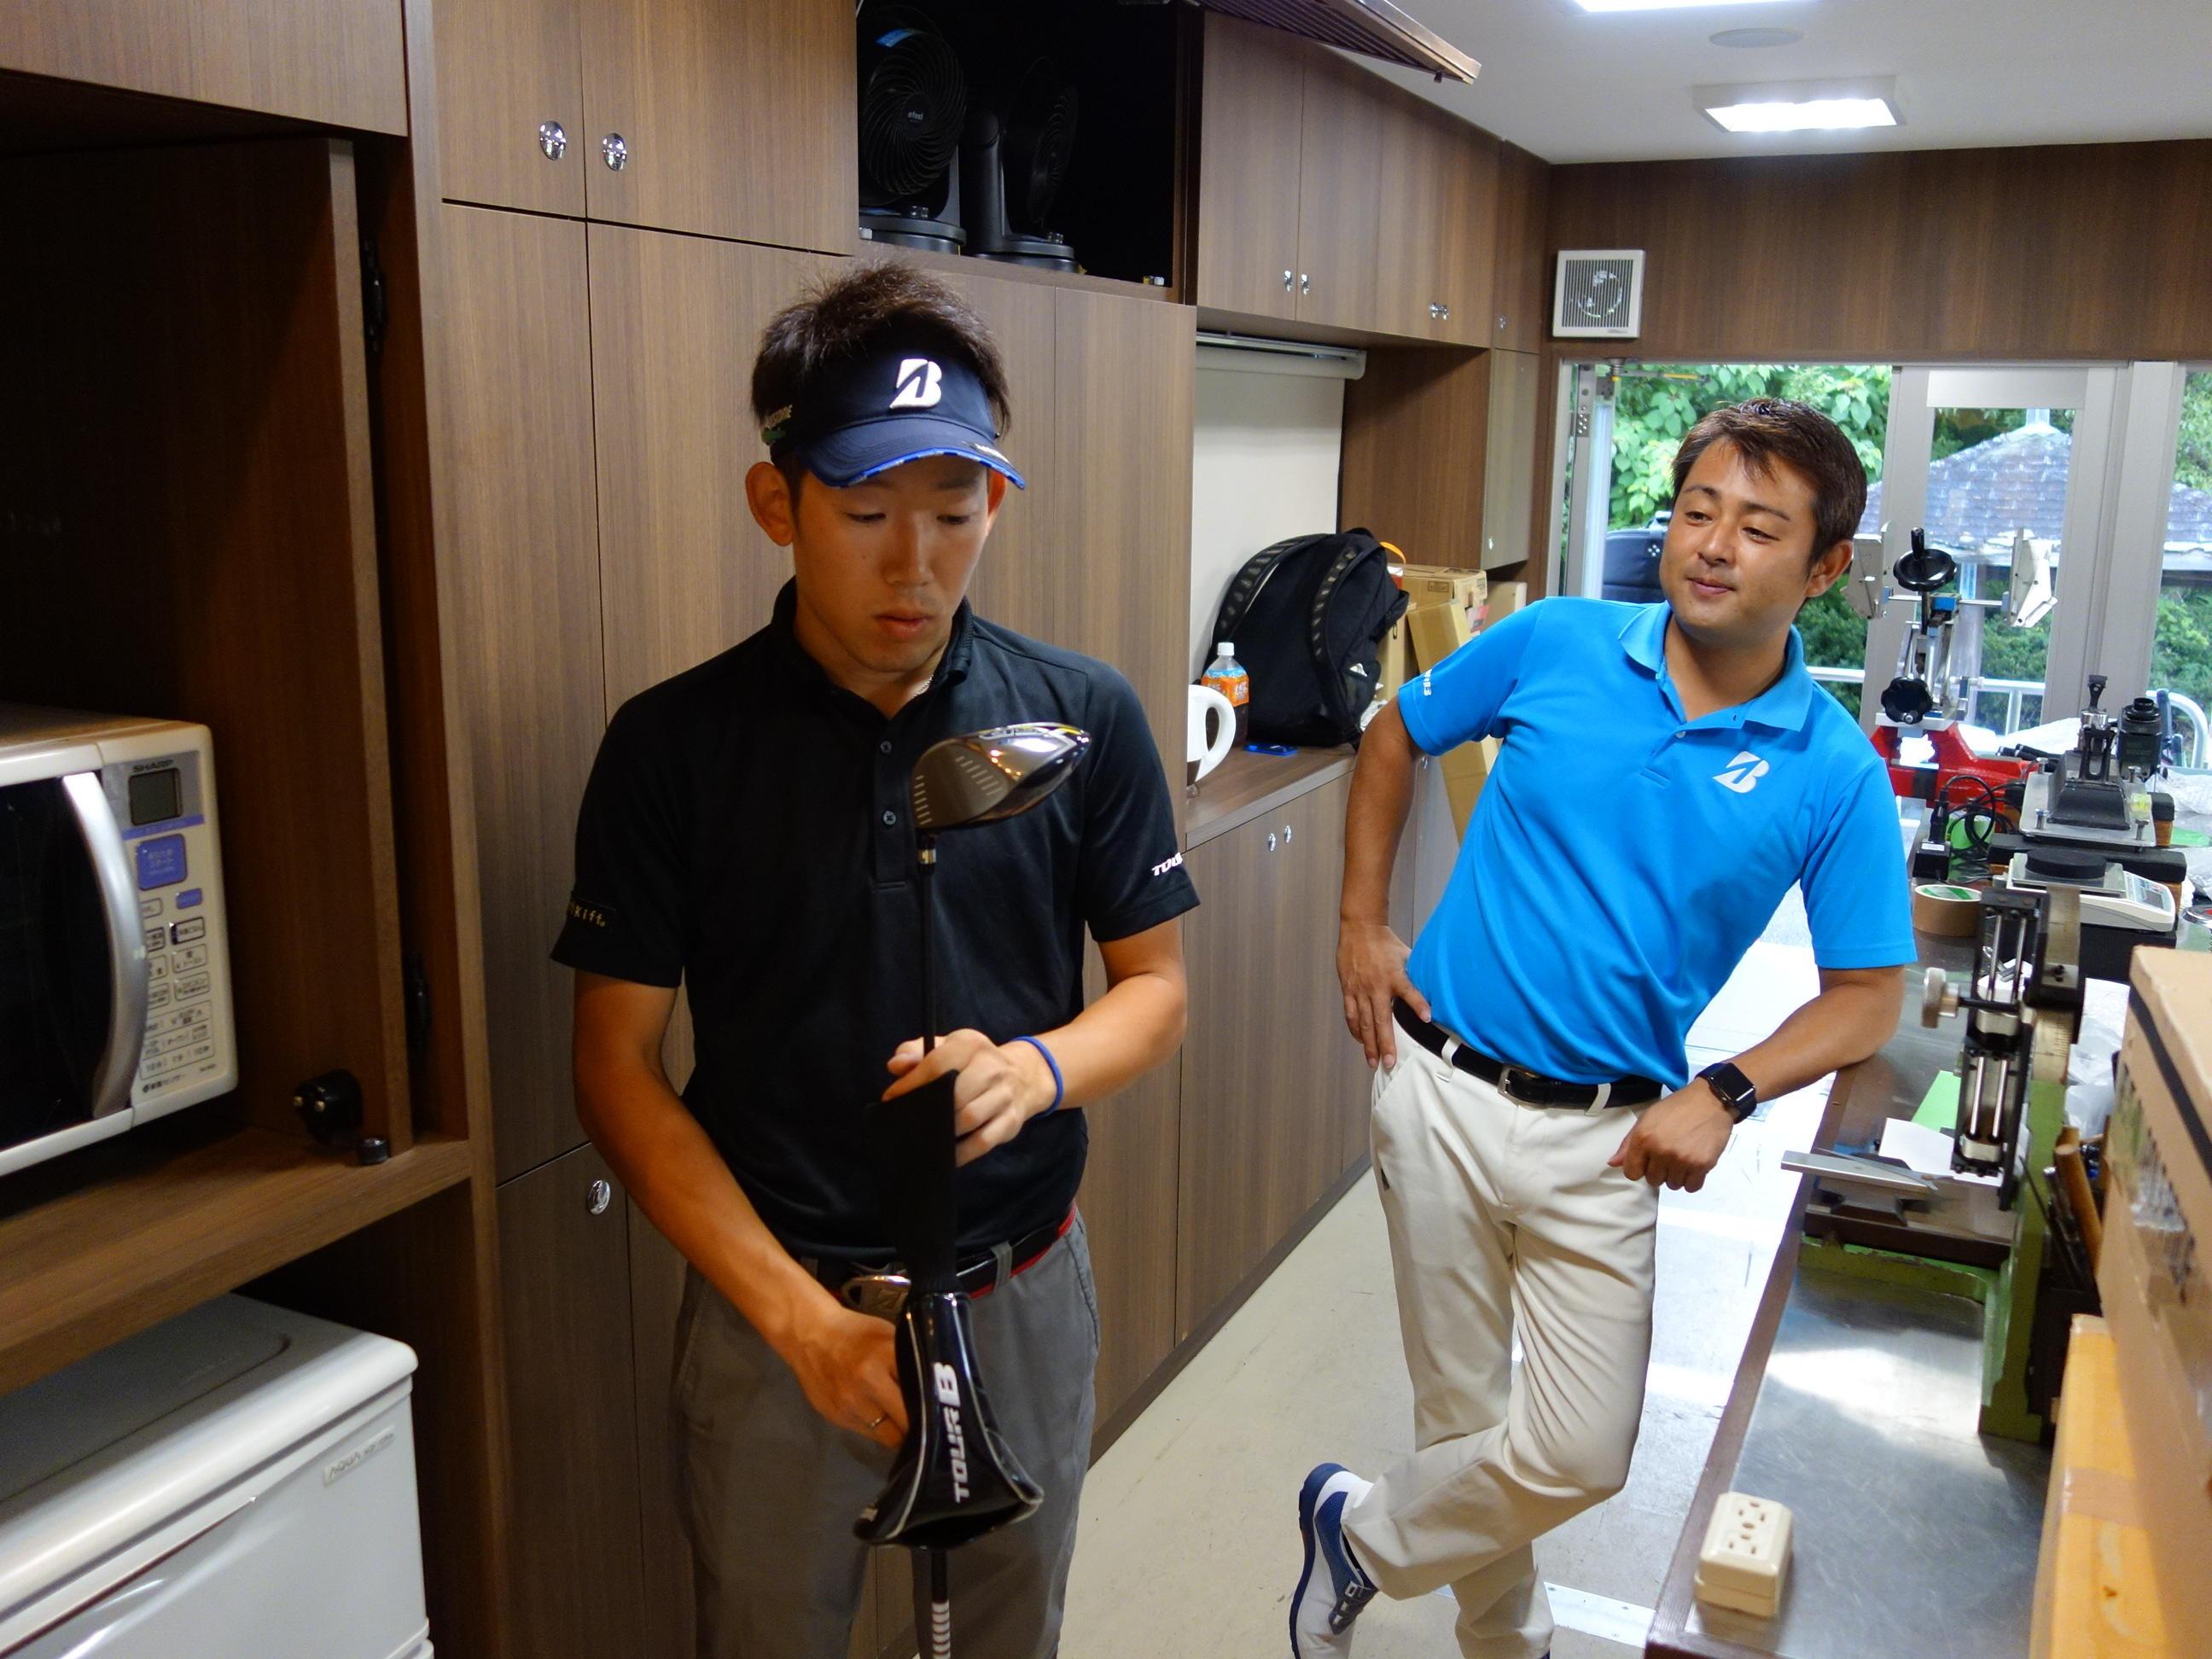 https://www.bs-golf.com/pro/347638522403eec9fc8e20bb5fec2e3fa7ff4661.JPG